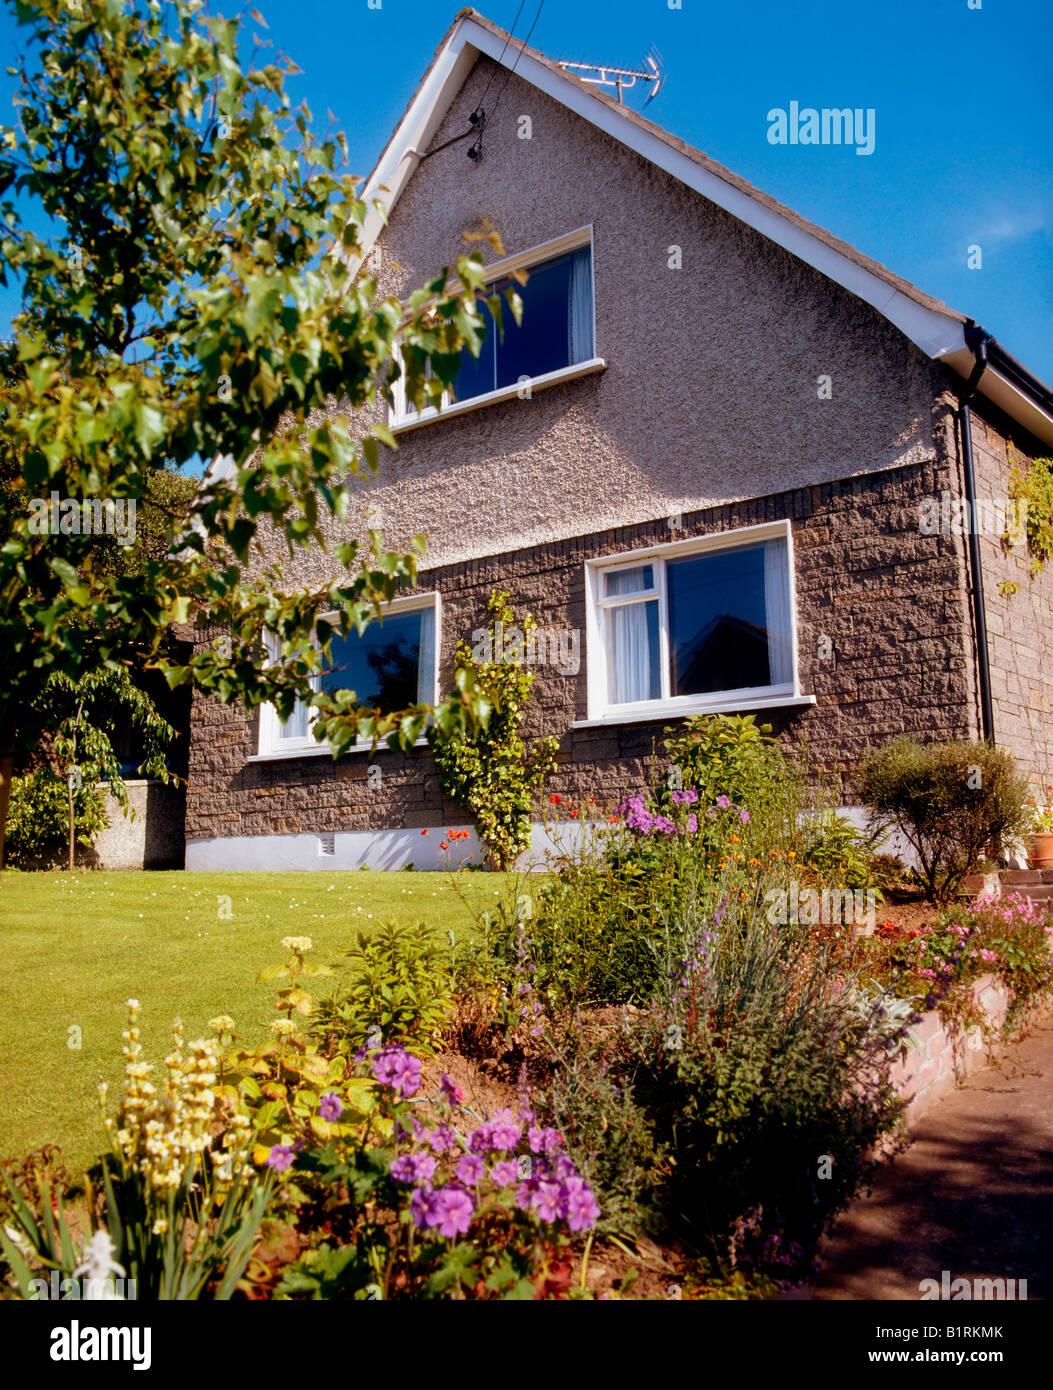 Ireland, Detached House - Stock Image